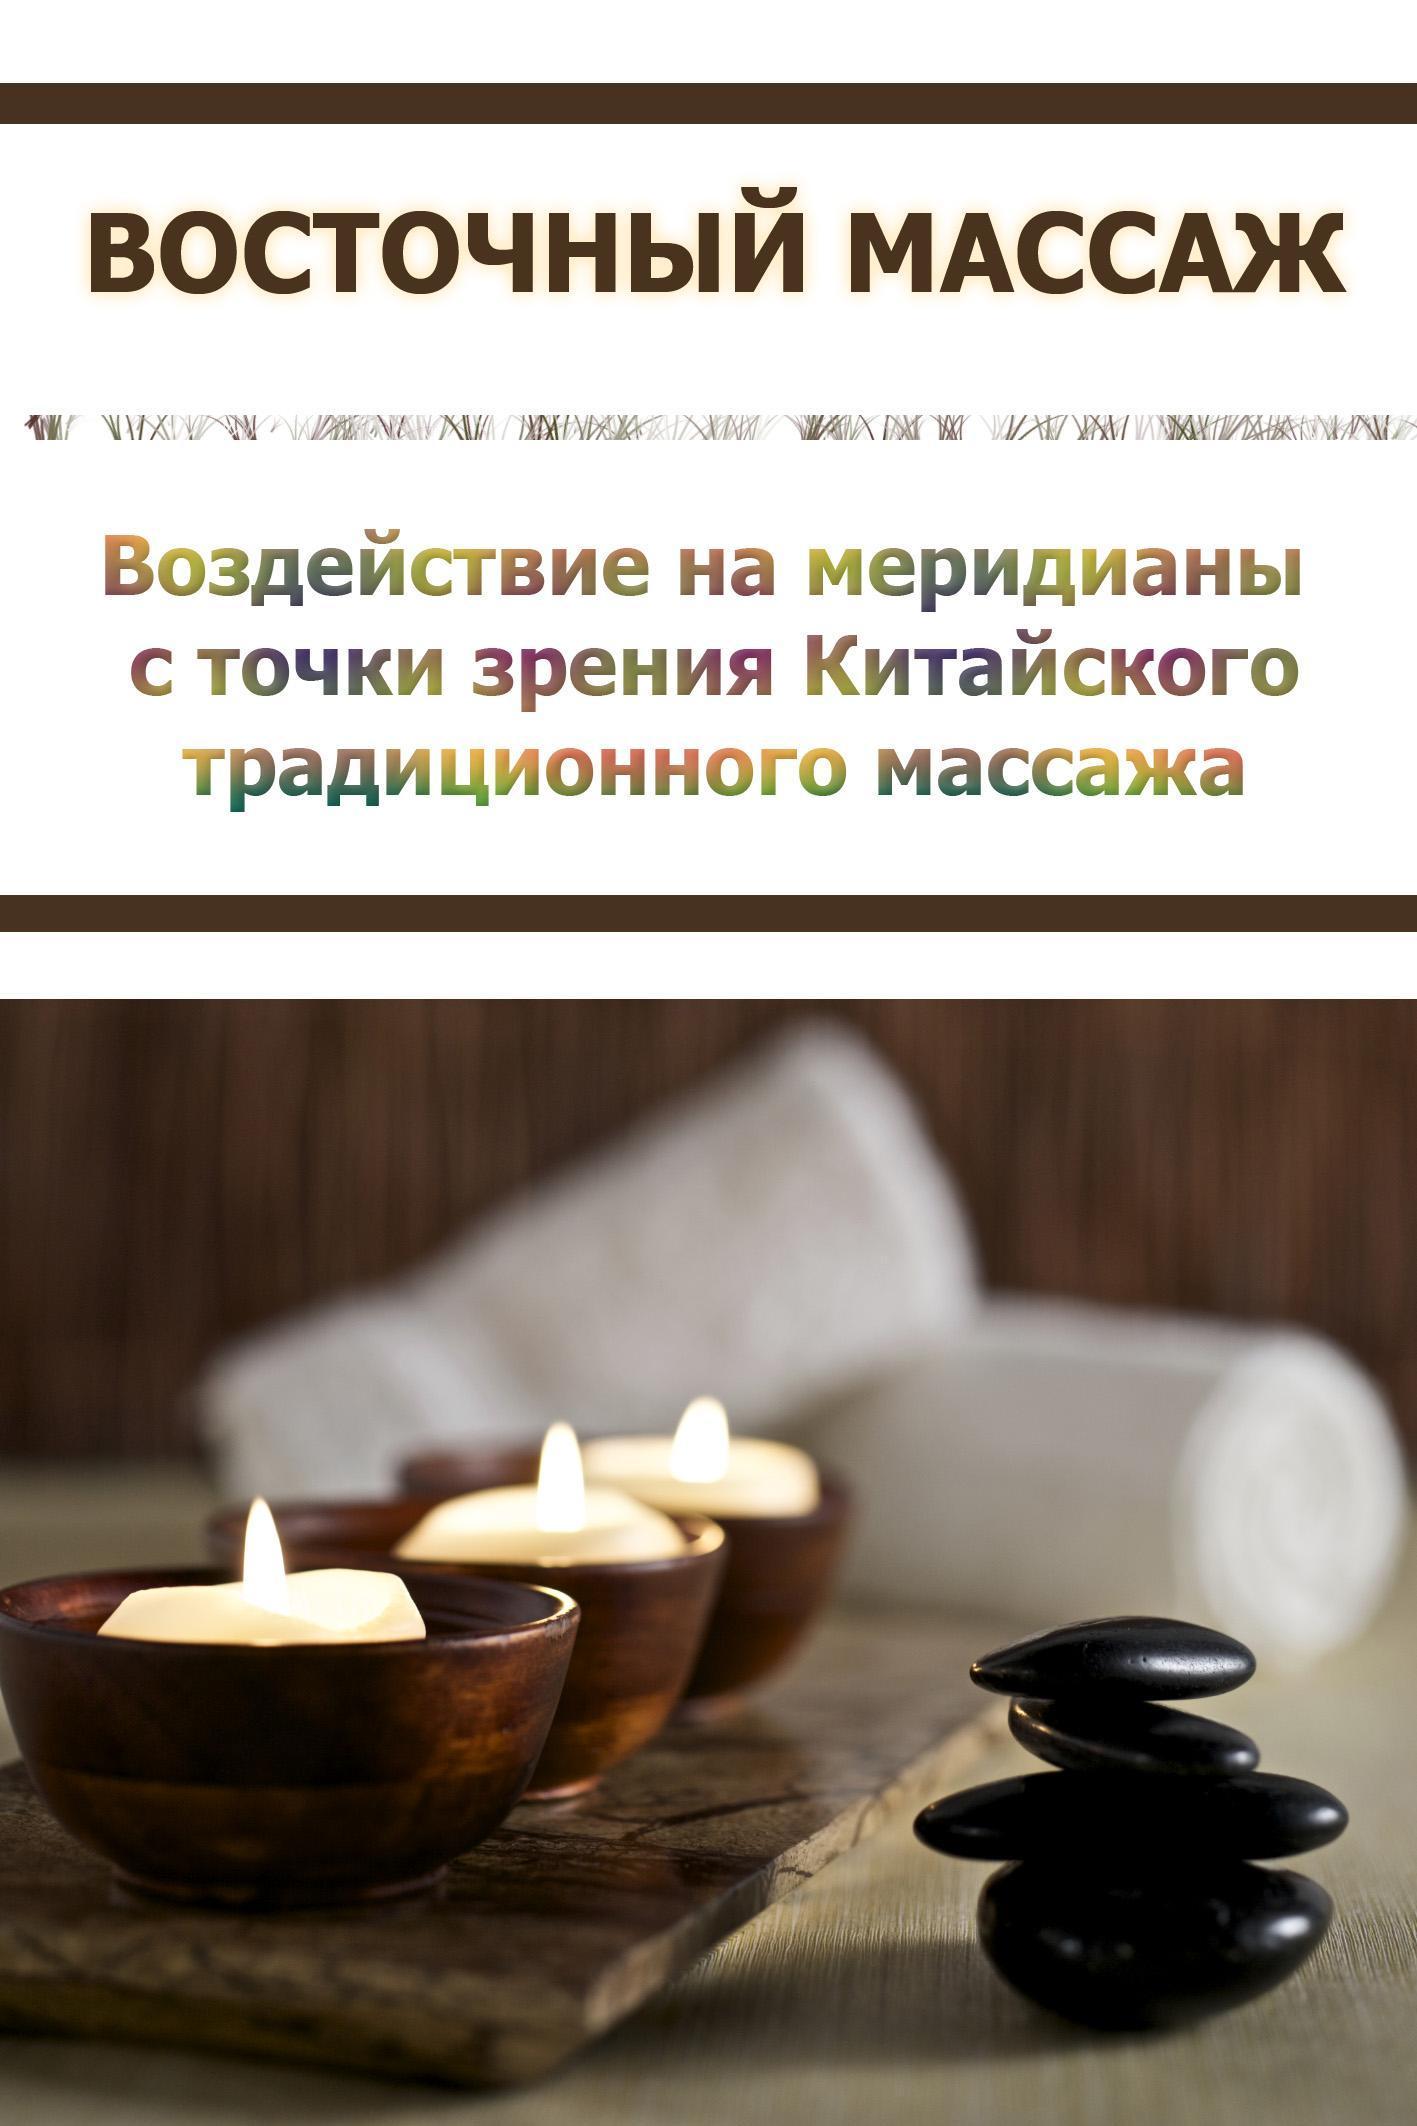 Илья Мельников «Воздействие на меридианы с точки зрения Китаского традиционного массажа»